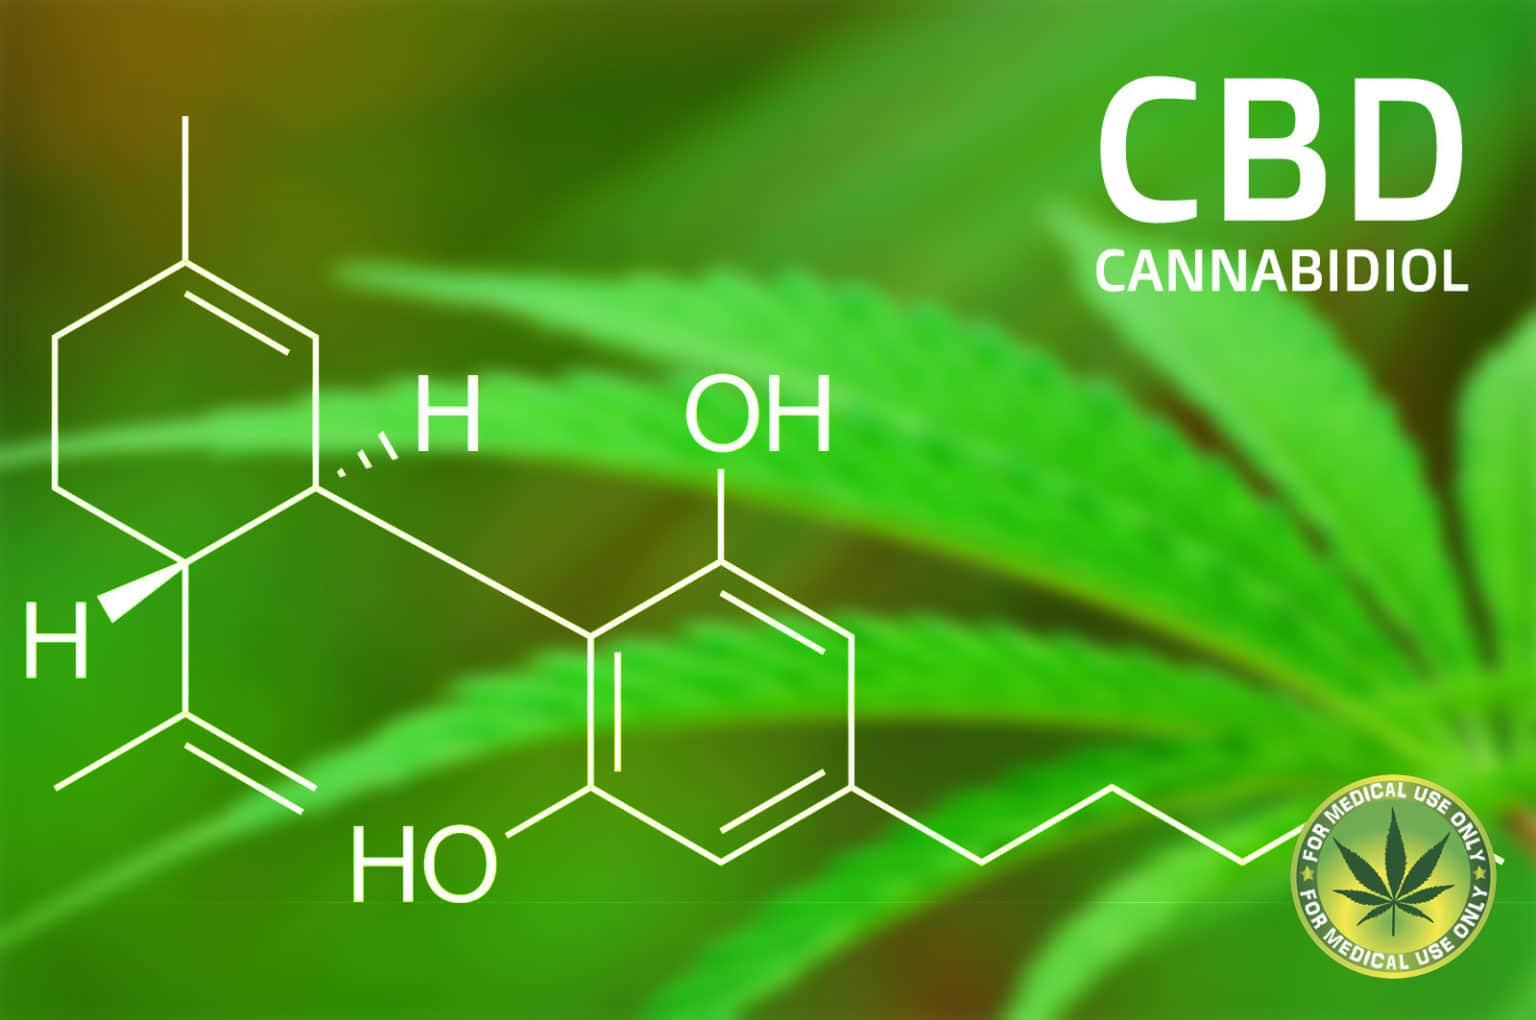 CBD Oil - Cannabidiol